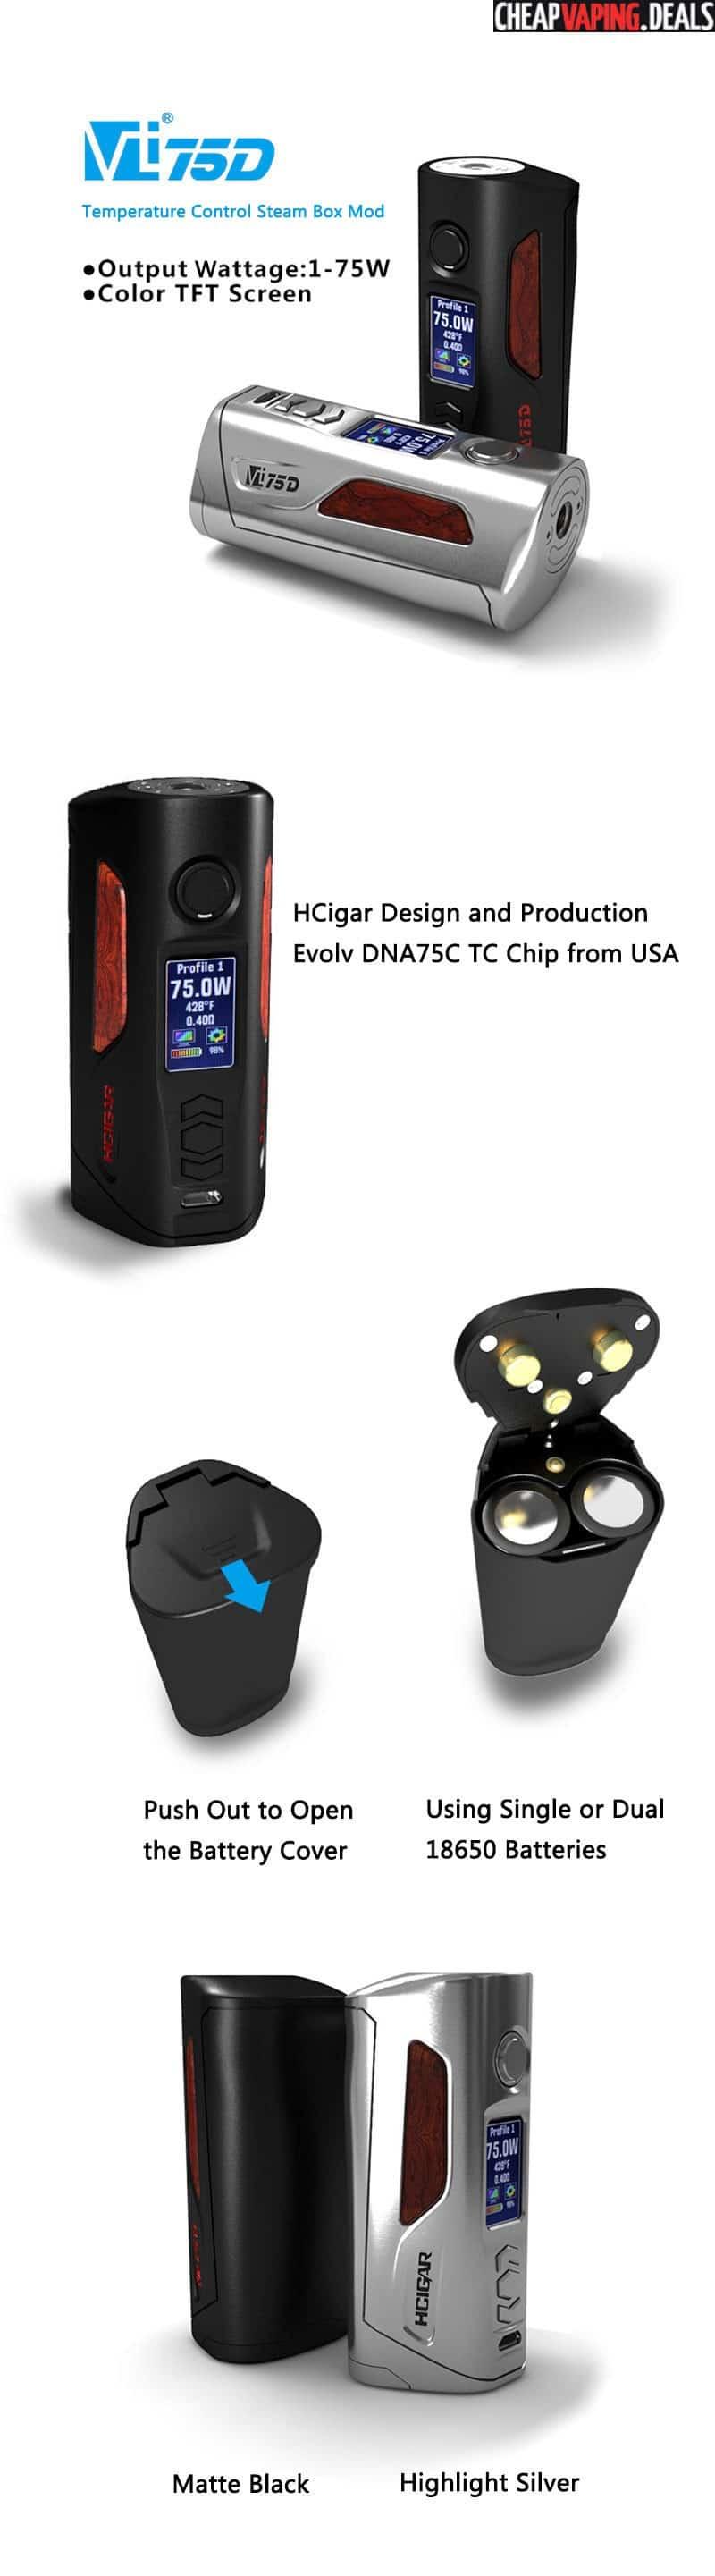 HCigar VT75D DNA 75C Box Mod $87 76 & Free Shipping - Cheap Vaping Deals